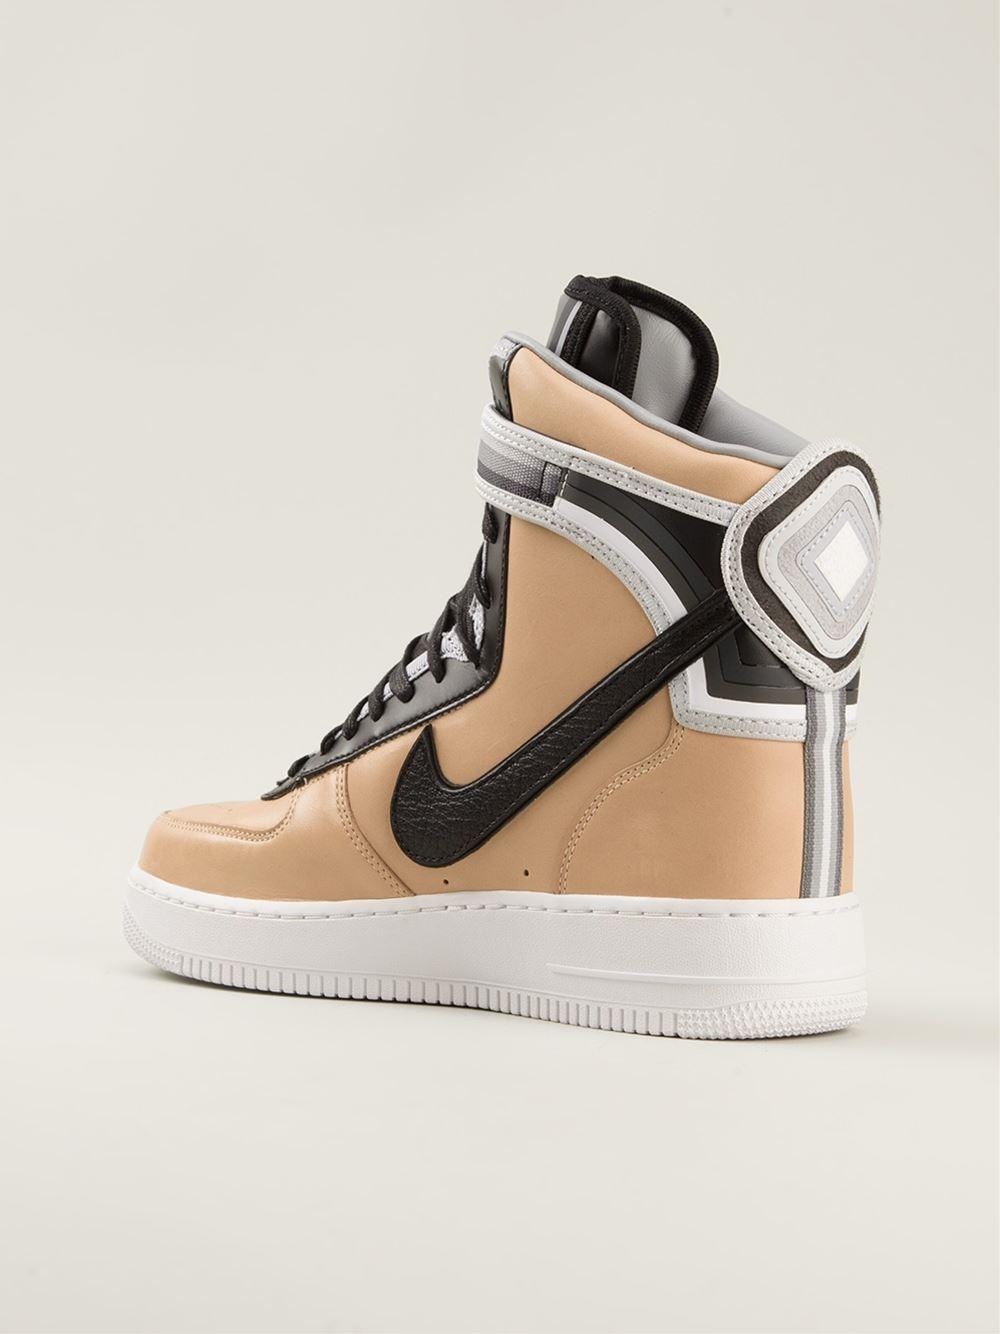 Nike Riccardo Tisci Beige Pack Air Force 1 Hi-Tops In -2871